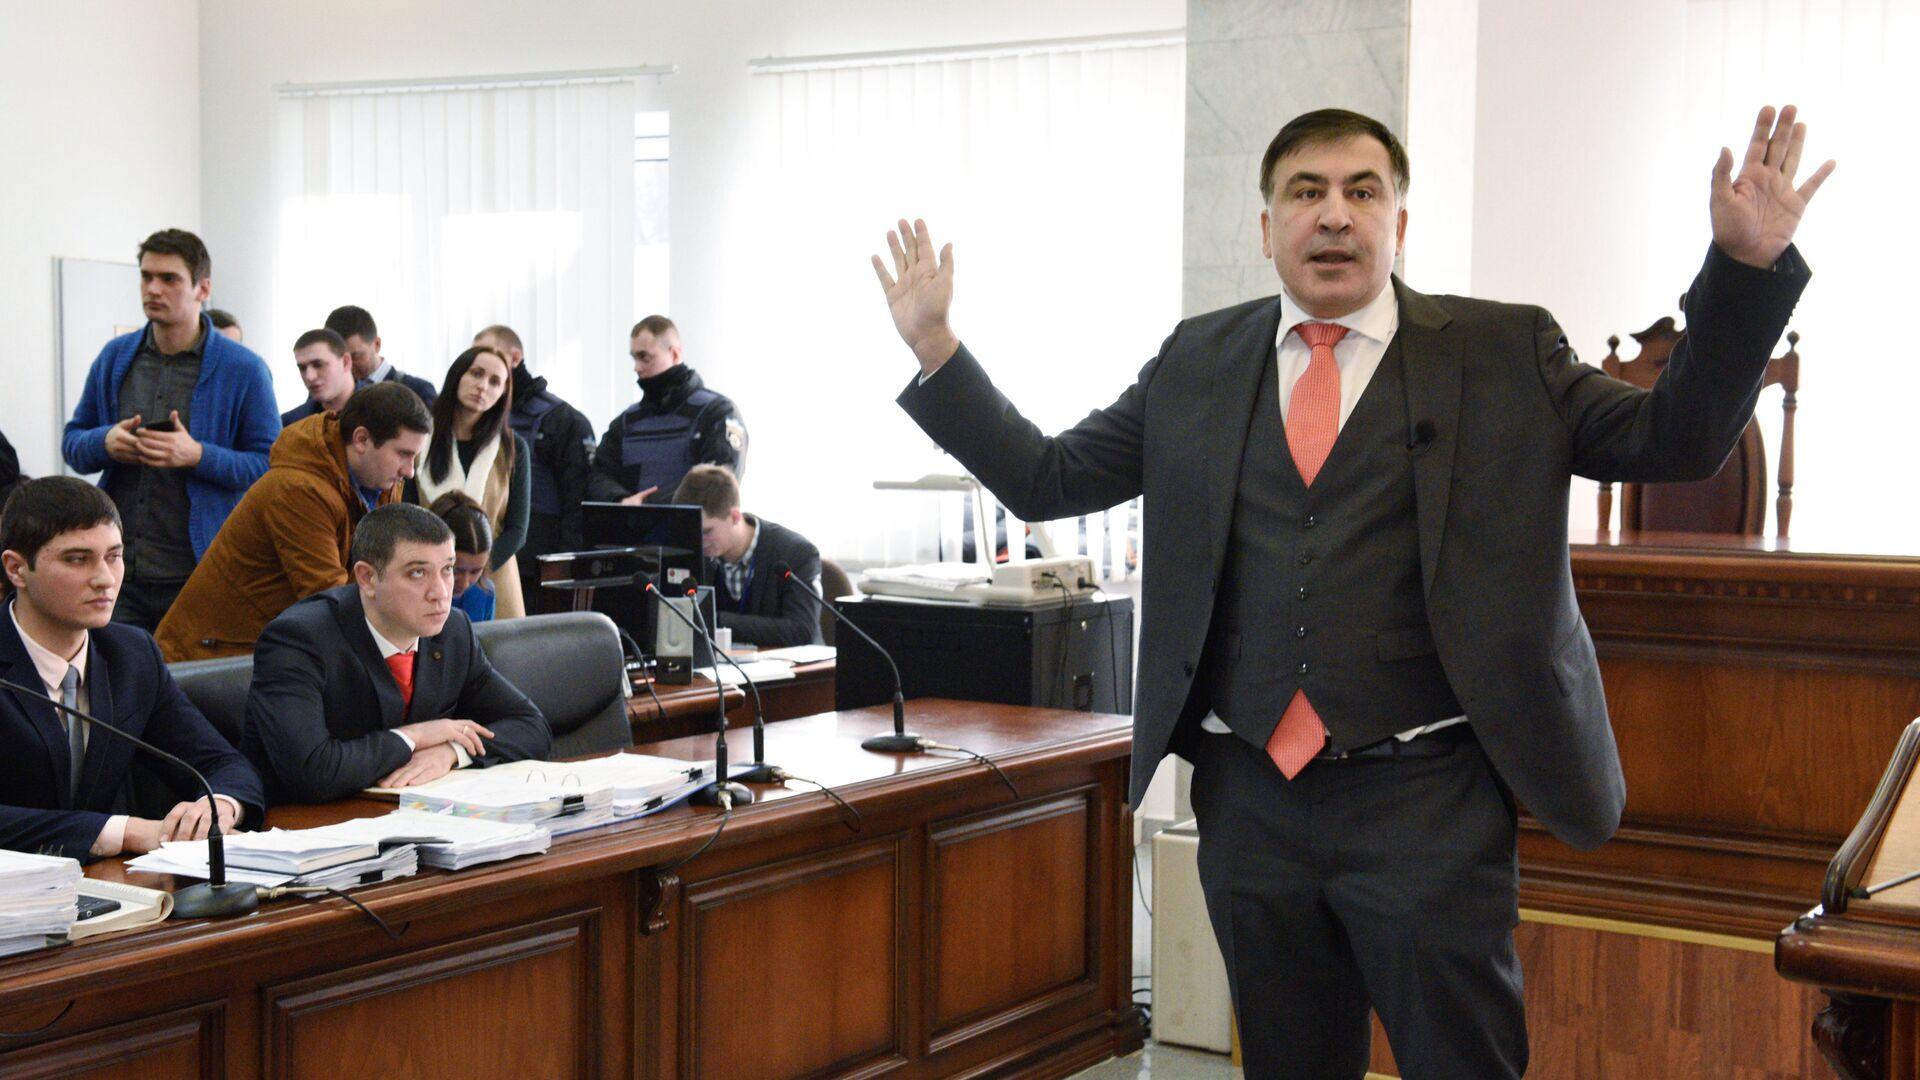 Суд над М. Саакашвили в Киеве - Sputnik Грузия, 1920, 02.10.2021